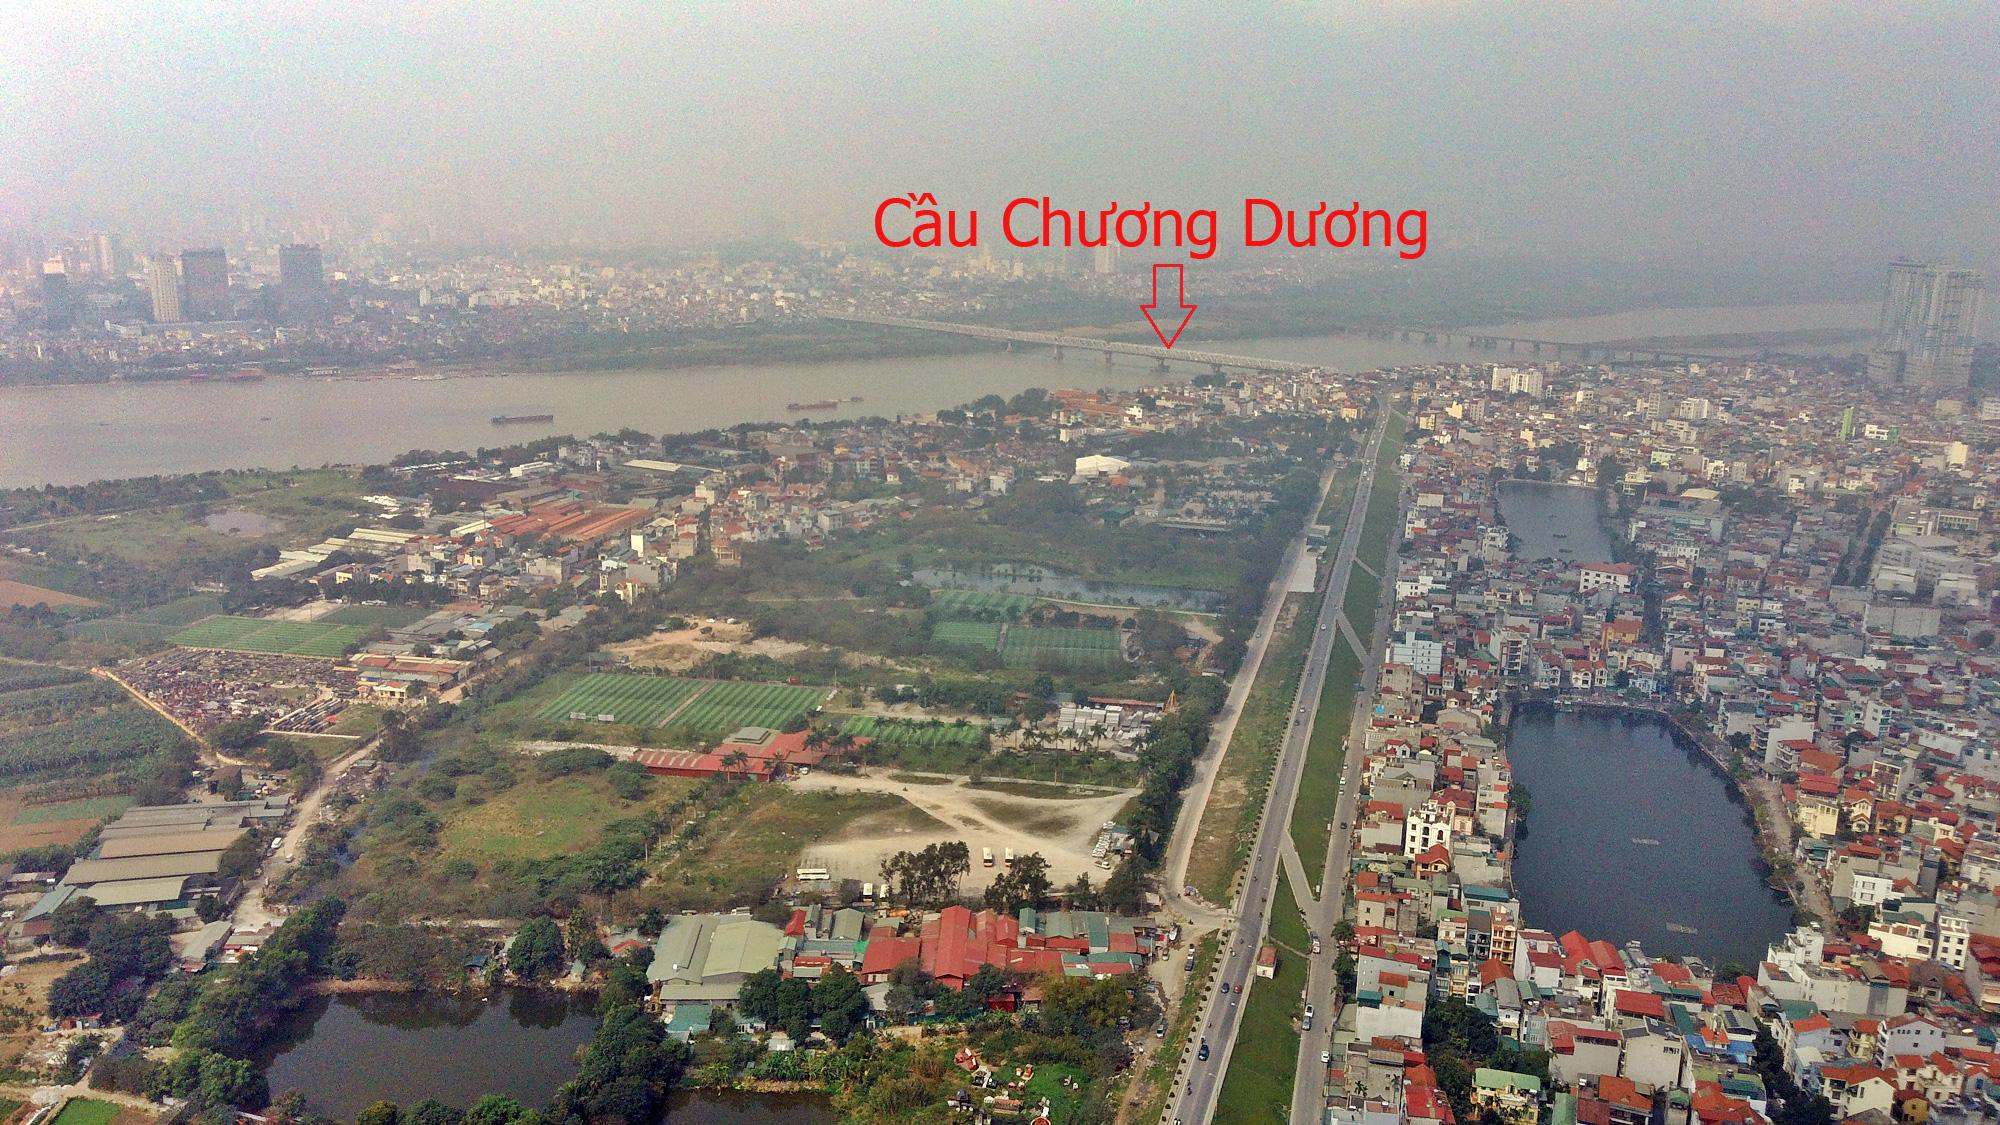 Cầu sẽ mở theo qui hoạch ở Hà Nội: Toàn cảnh cầu/hầm Trần Hưng Đạo nối quận Hoàn Kiếm - Long Biên - Ảnh 4.